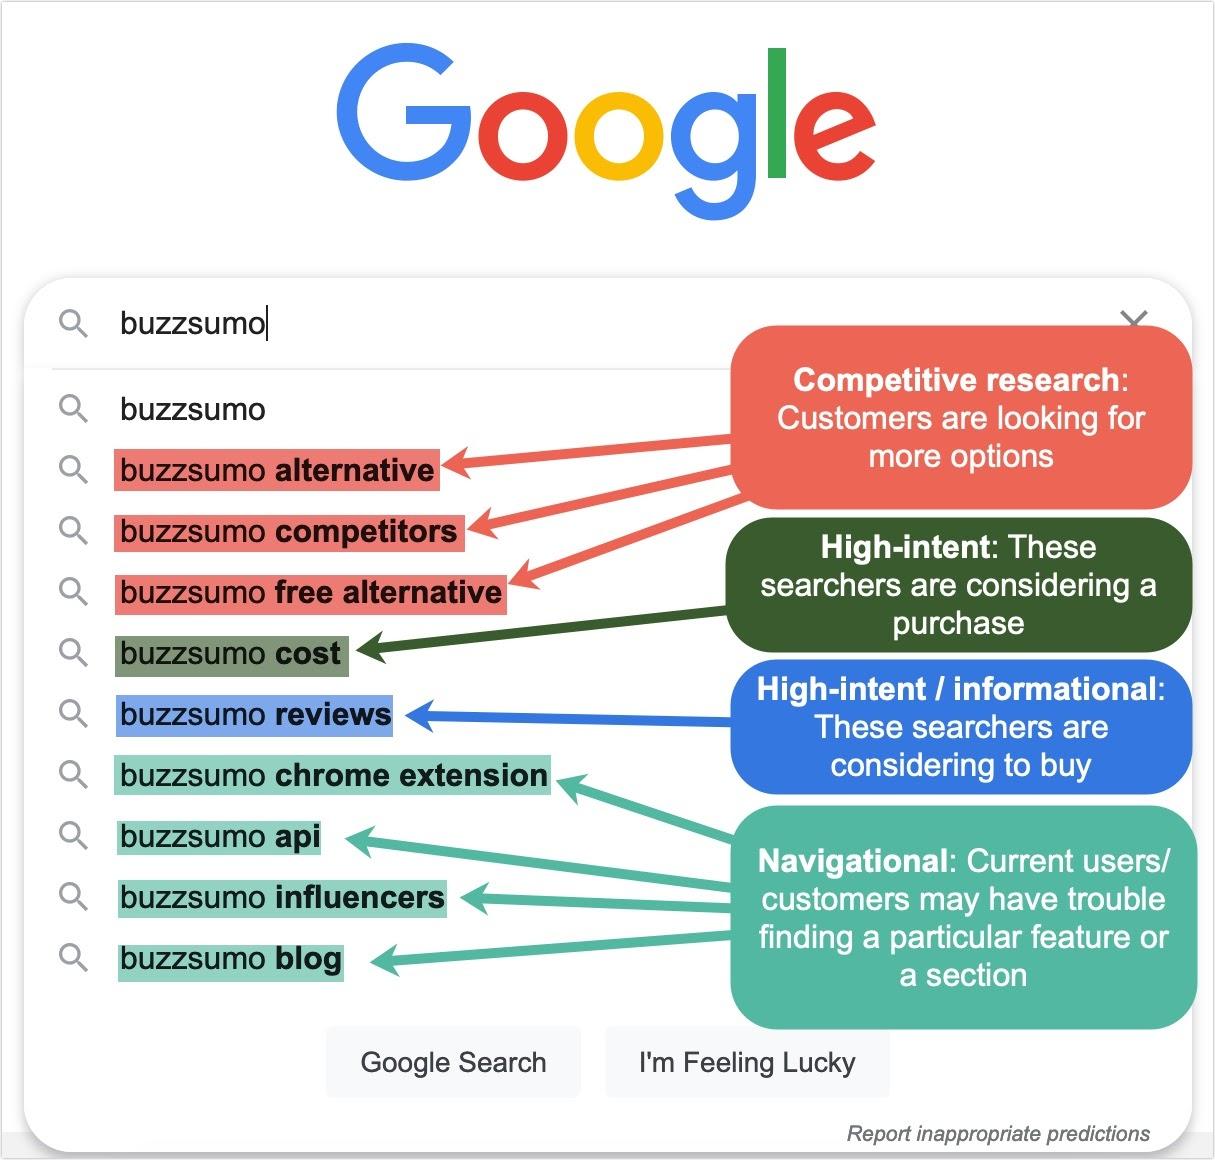 Снимок экрана поиска Google, показывающий четыре типа брендированных поисковых запросов: исследование конкуренции, высокие намерения, с высоким намерением / информационным и навигационным.